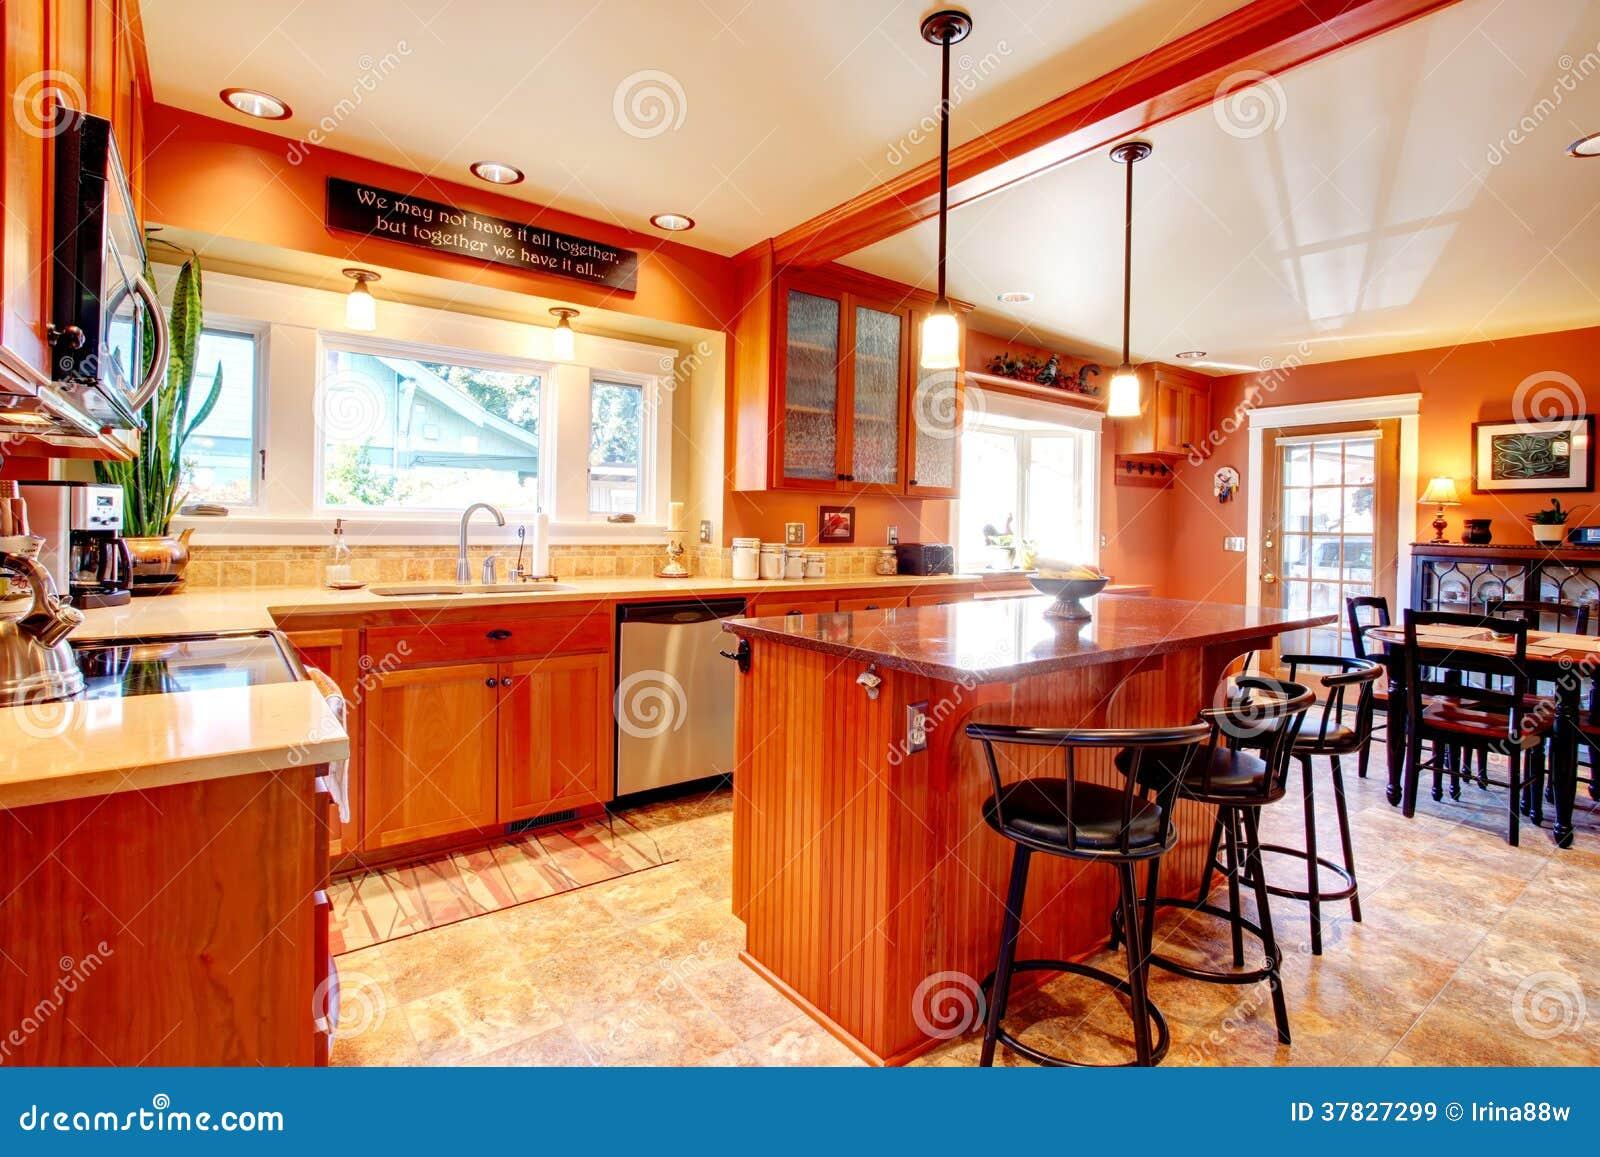 Designidee f r k che und esszimmer lizenzfreie stockbilder for Como disenar una cocina comedor